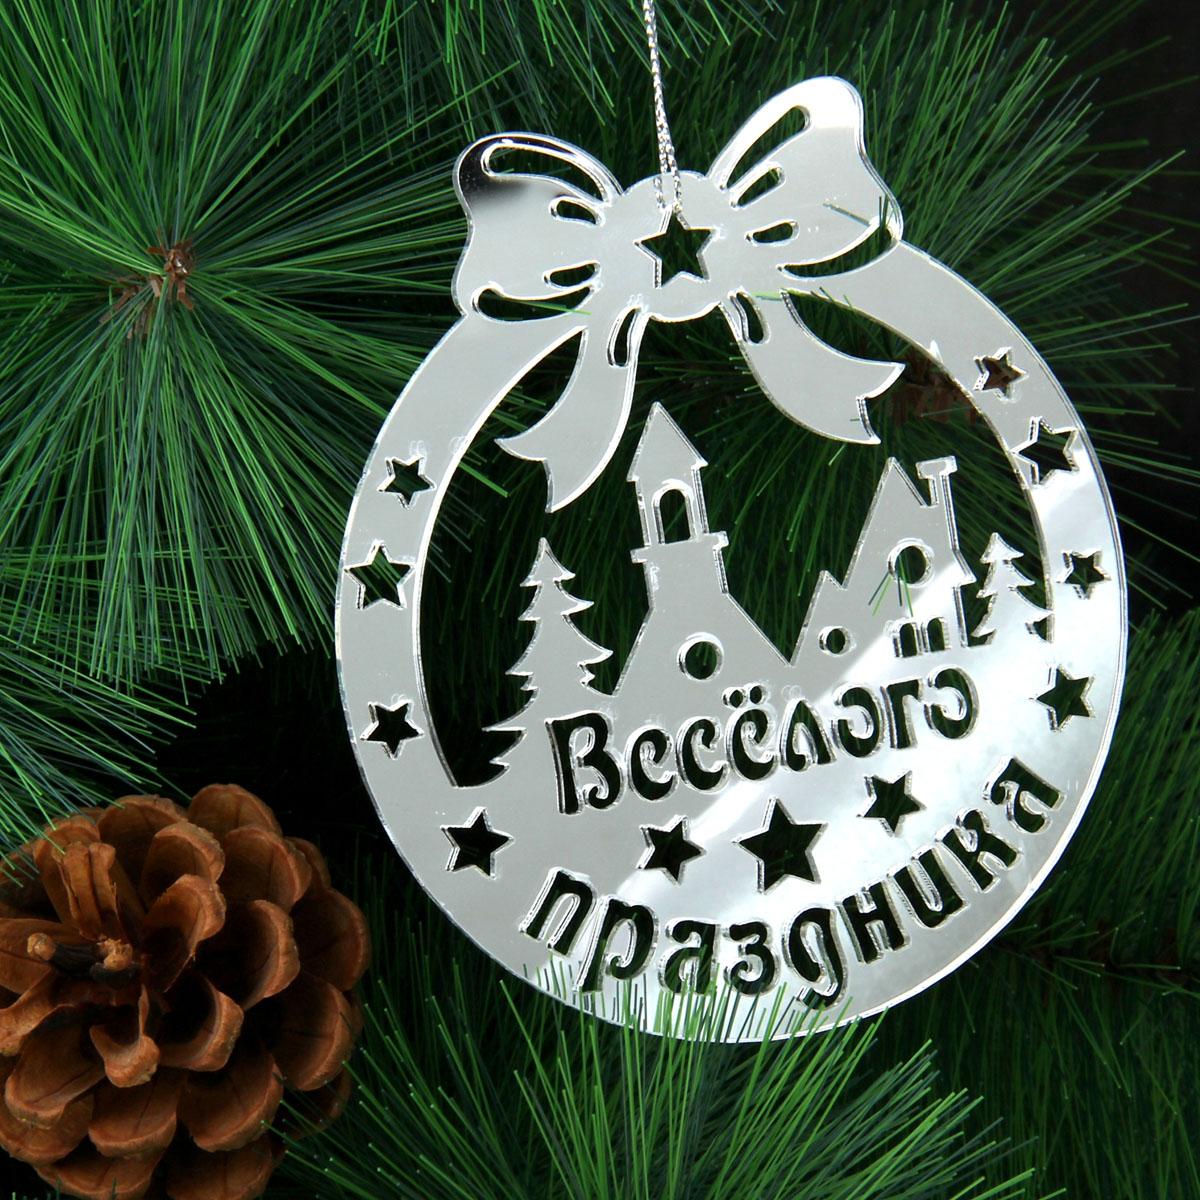 """Новогоднее украшение Sima-land """"Веселого праздника"""" отлично подойдет для декорации   вашего дома и новогодней ели. Игрушка выполнена из акрила в виде елочного   шара, украшенного бантом, изображением звезд, елок и домов. Украшение оснащено зеркальной поверхностью и специальной текстильной петелькой для подвешивания.  Елочная игрушка - символ Нового года. Она несет в себе волшебство и красоту   праздника. Создайте в своем доме атмосферу веселья и радости, украшая всей   семьей новогоднюю елку нарядными игрушками, которые будут из года в год   накапливать теплоту воспоминаний.   Коллекция декоративных украшений из серии """"Зимнее волшебство"""" принесет в   ваш дом   ни с чем не сравнимое ощущение праздника!   Материал: акрил, текстиль. Диаметр шара: 10 см."""